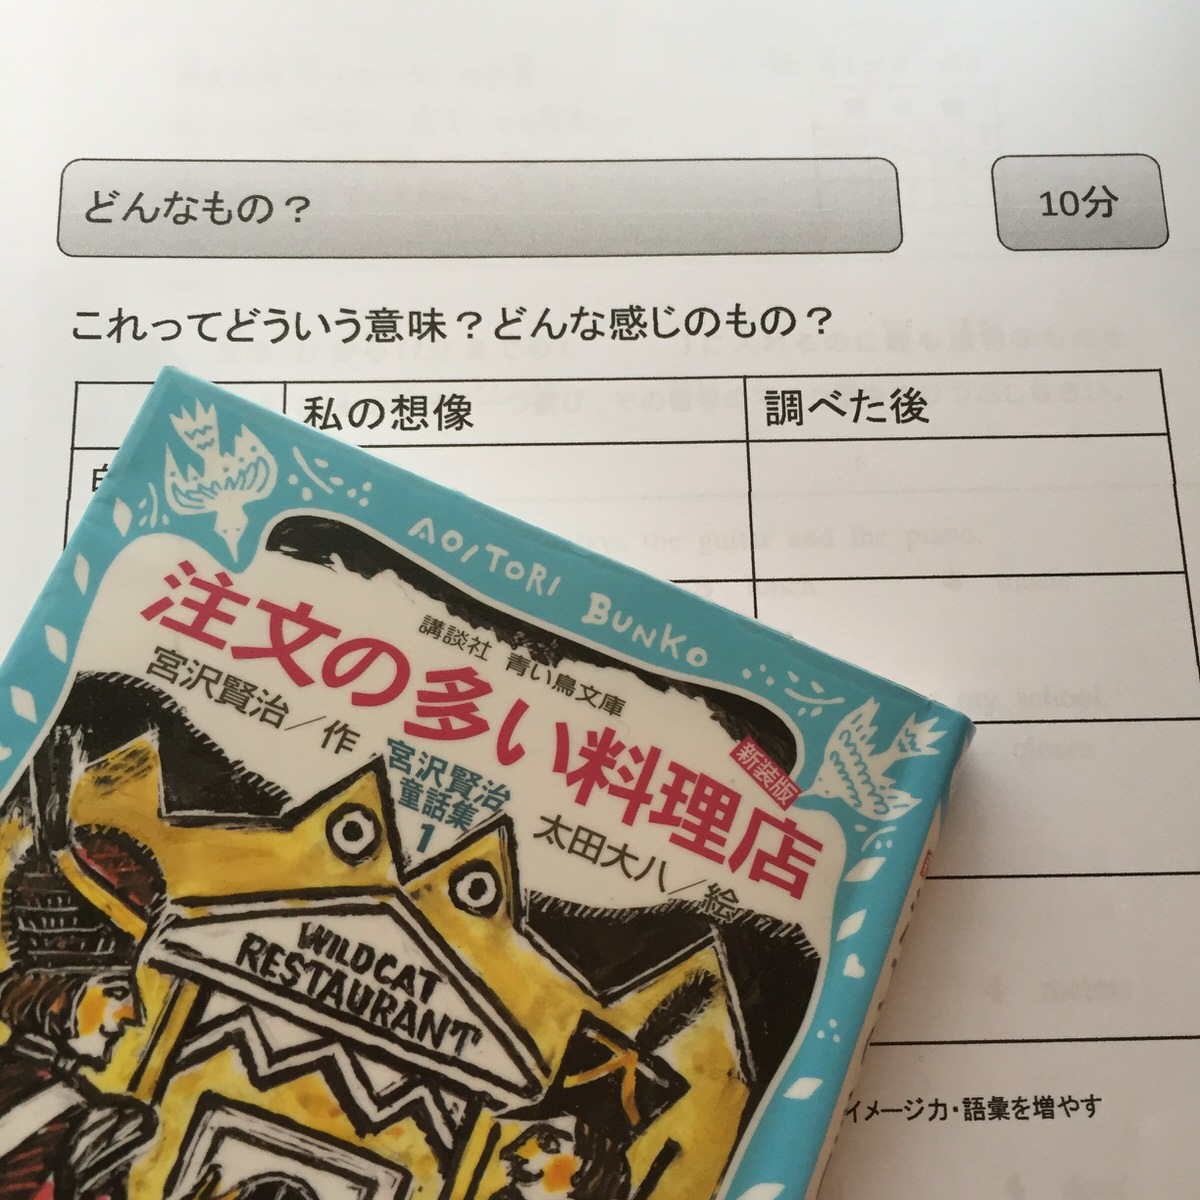 本を読んで語彙を増やす。国語教室で語彙シートを作ってみた。